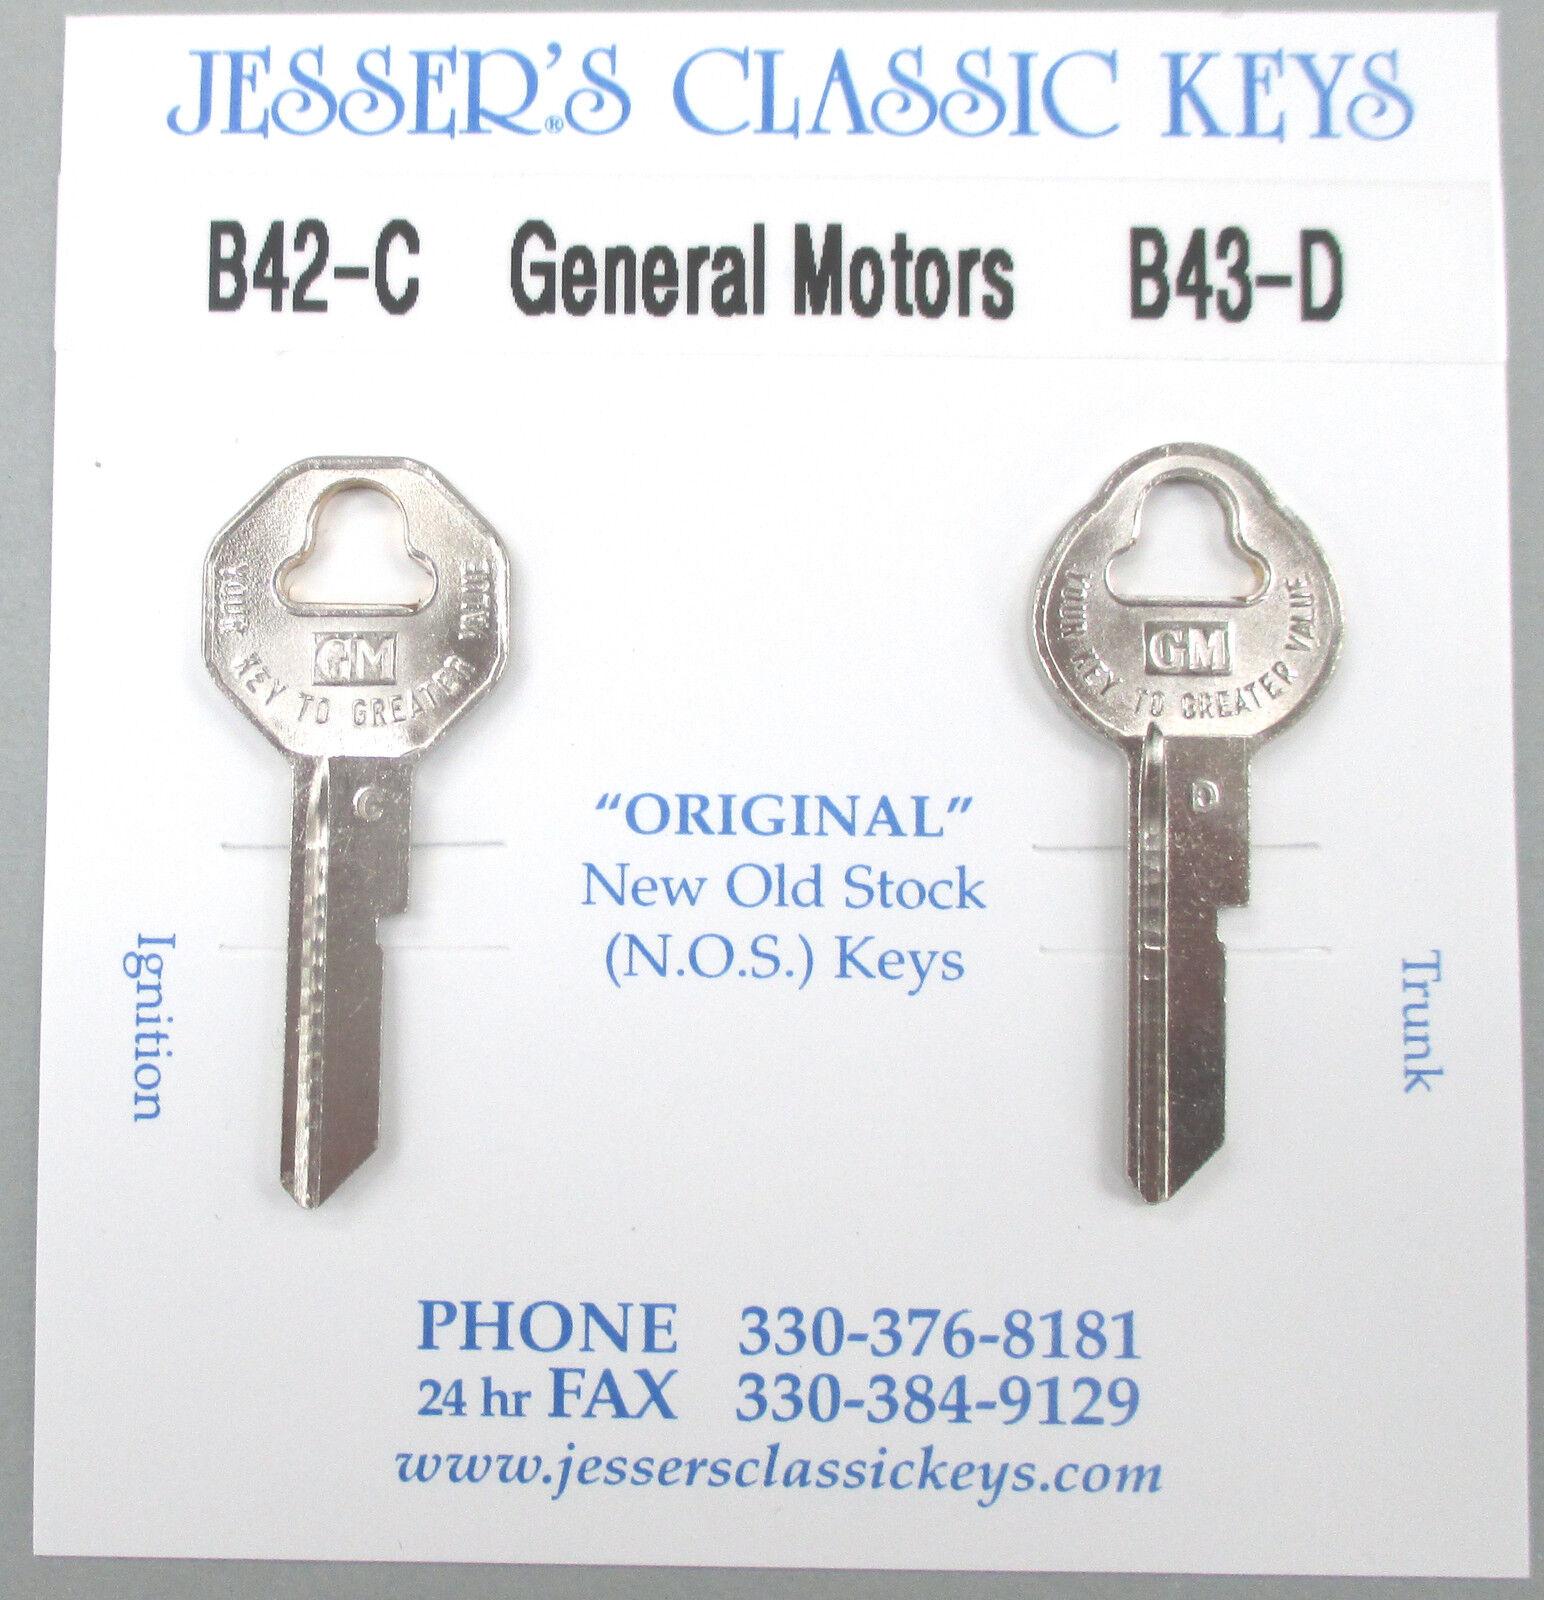 Original 1968 Oldsmobile GM Keys B42-C B-43-D NOS Key Set '68 Olds